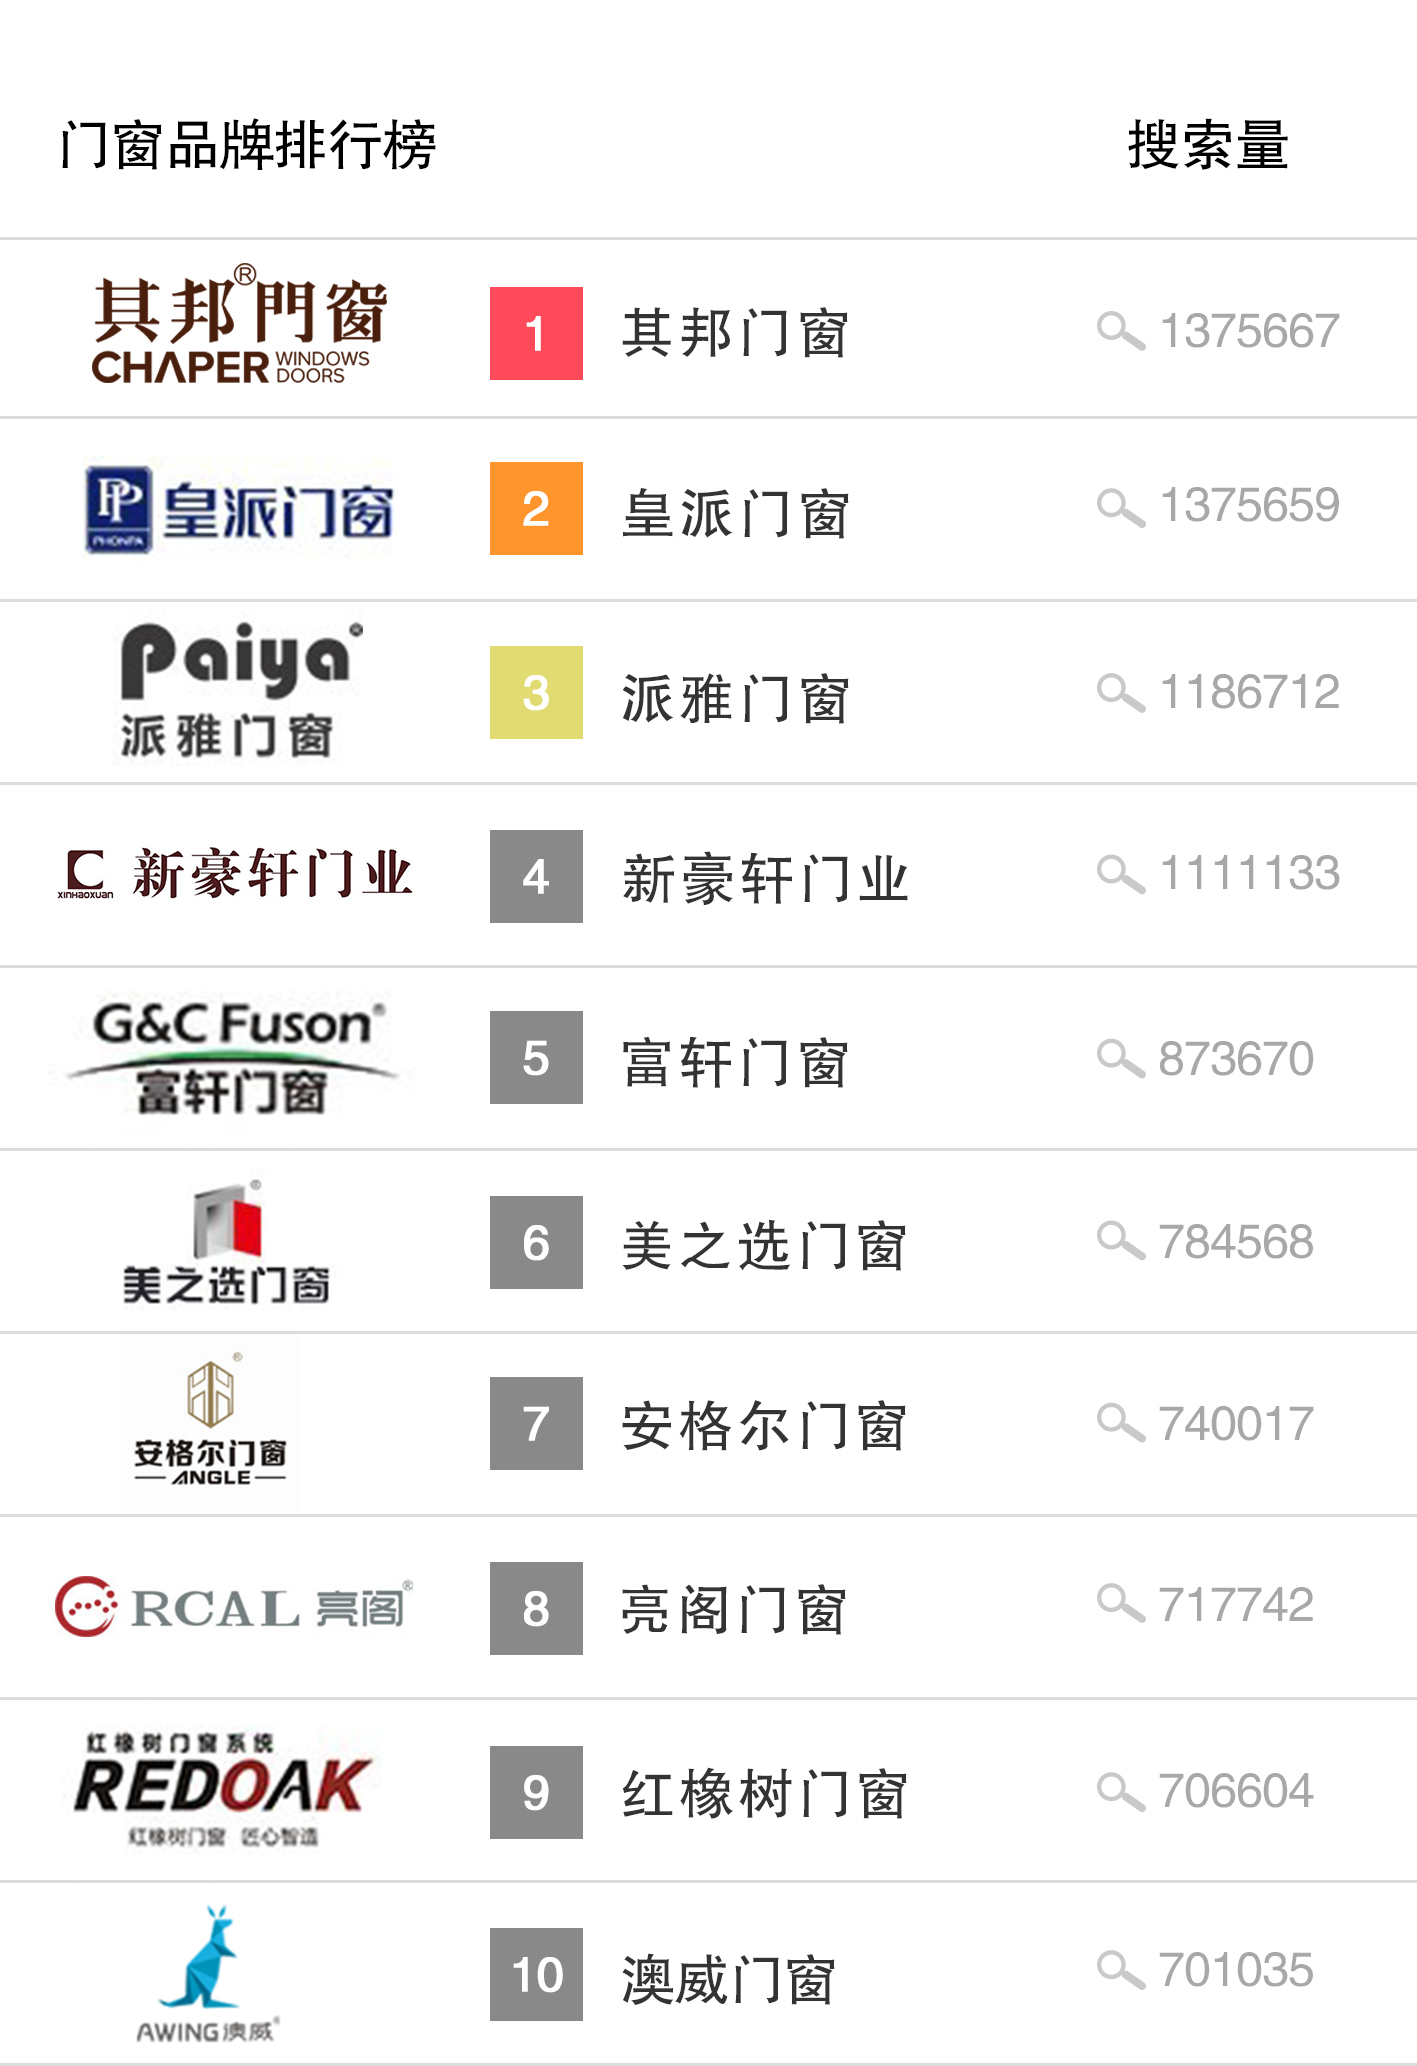 中国高端门窗排行榜